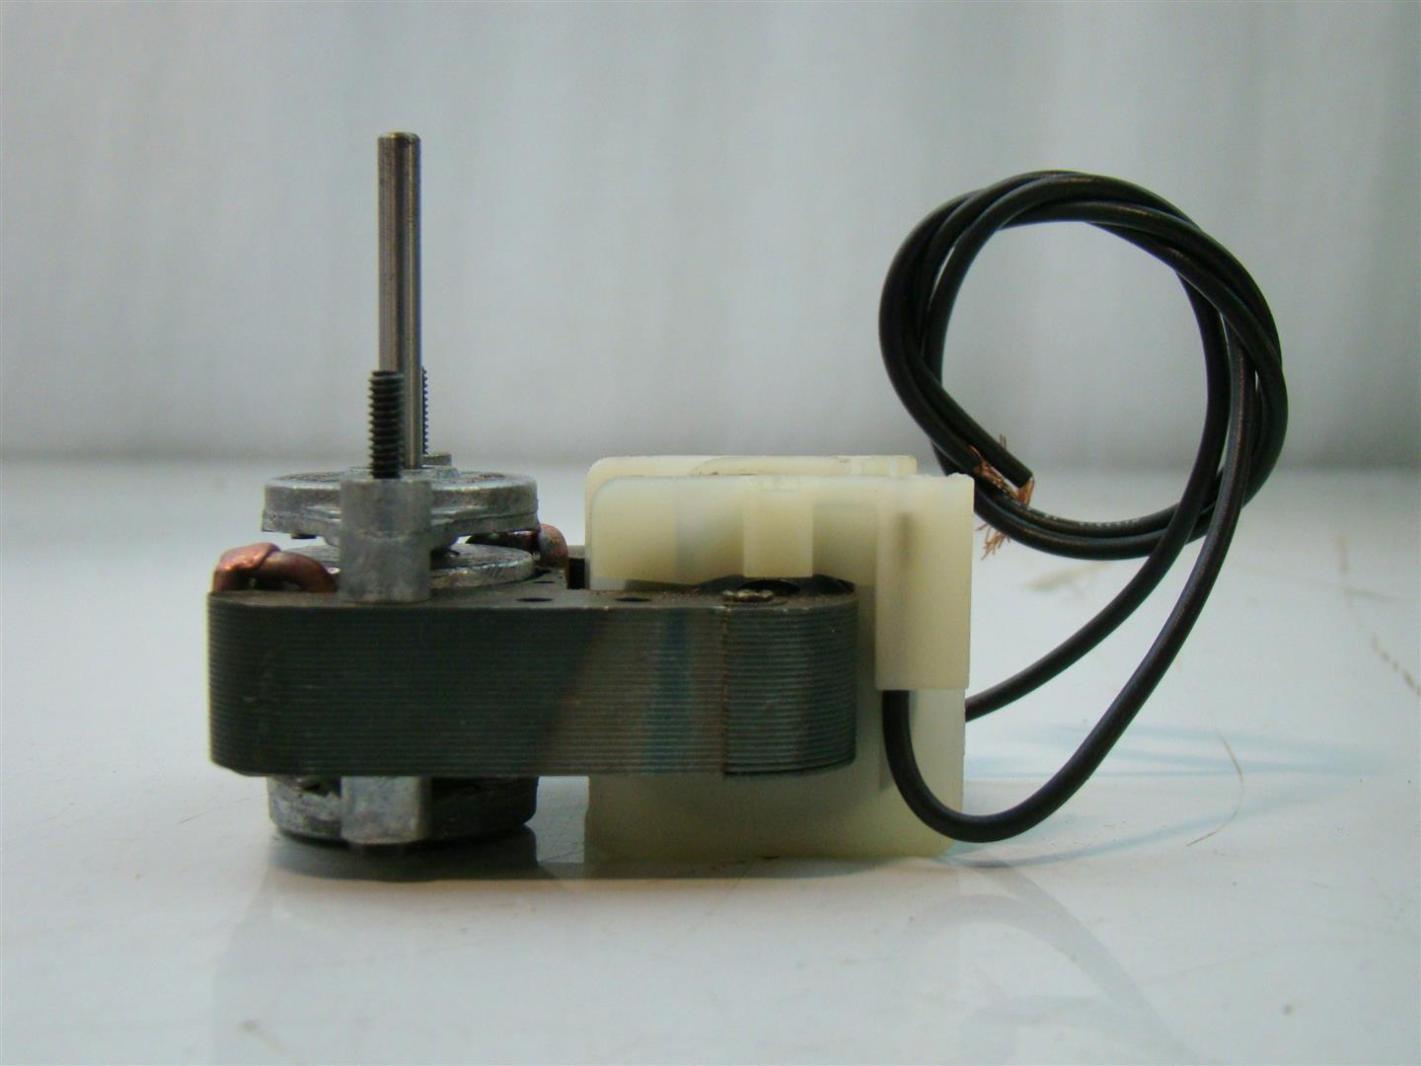 Magnetek Universal Electric Motor Rpm 3000 120v Amps 50 5